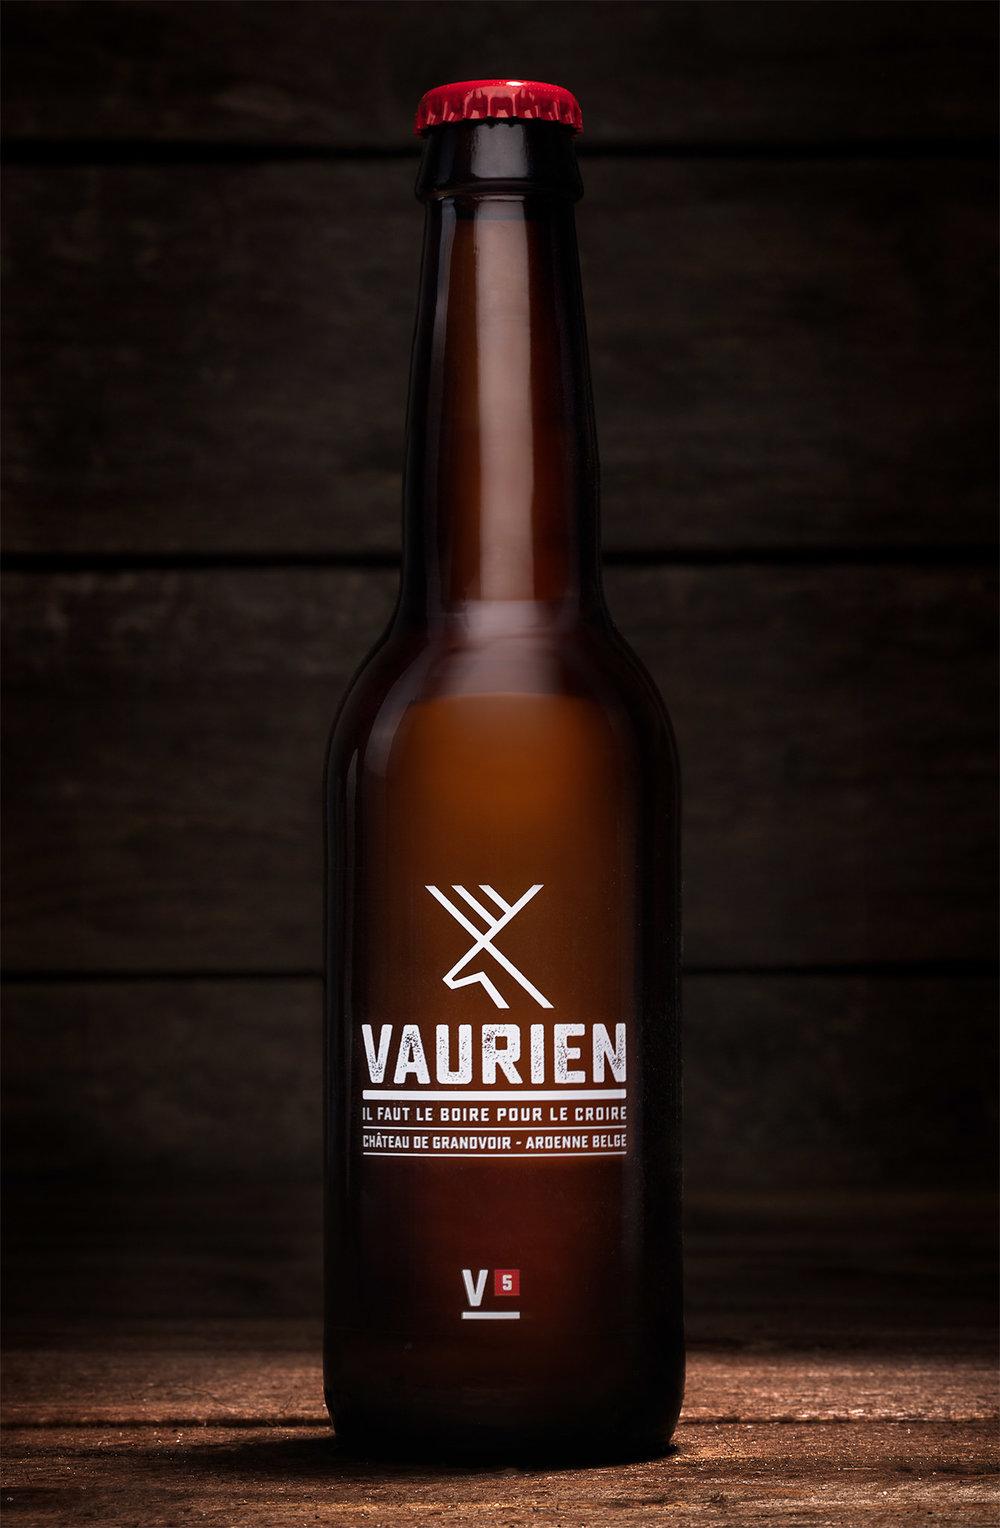 biere-vaurien-tom-barbier-photographe-alimentaire-boisson-publicite-liege-belgique.jpg